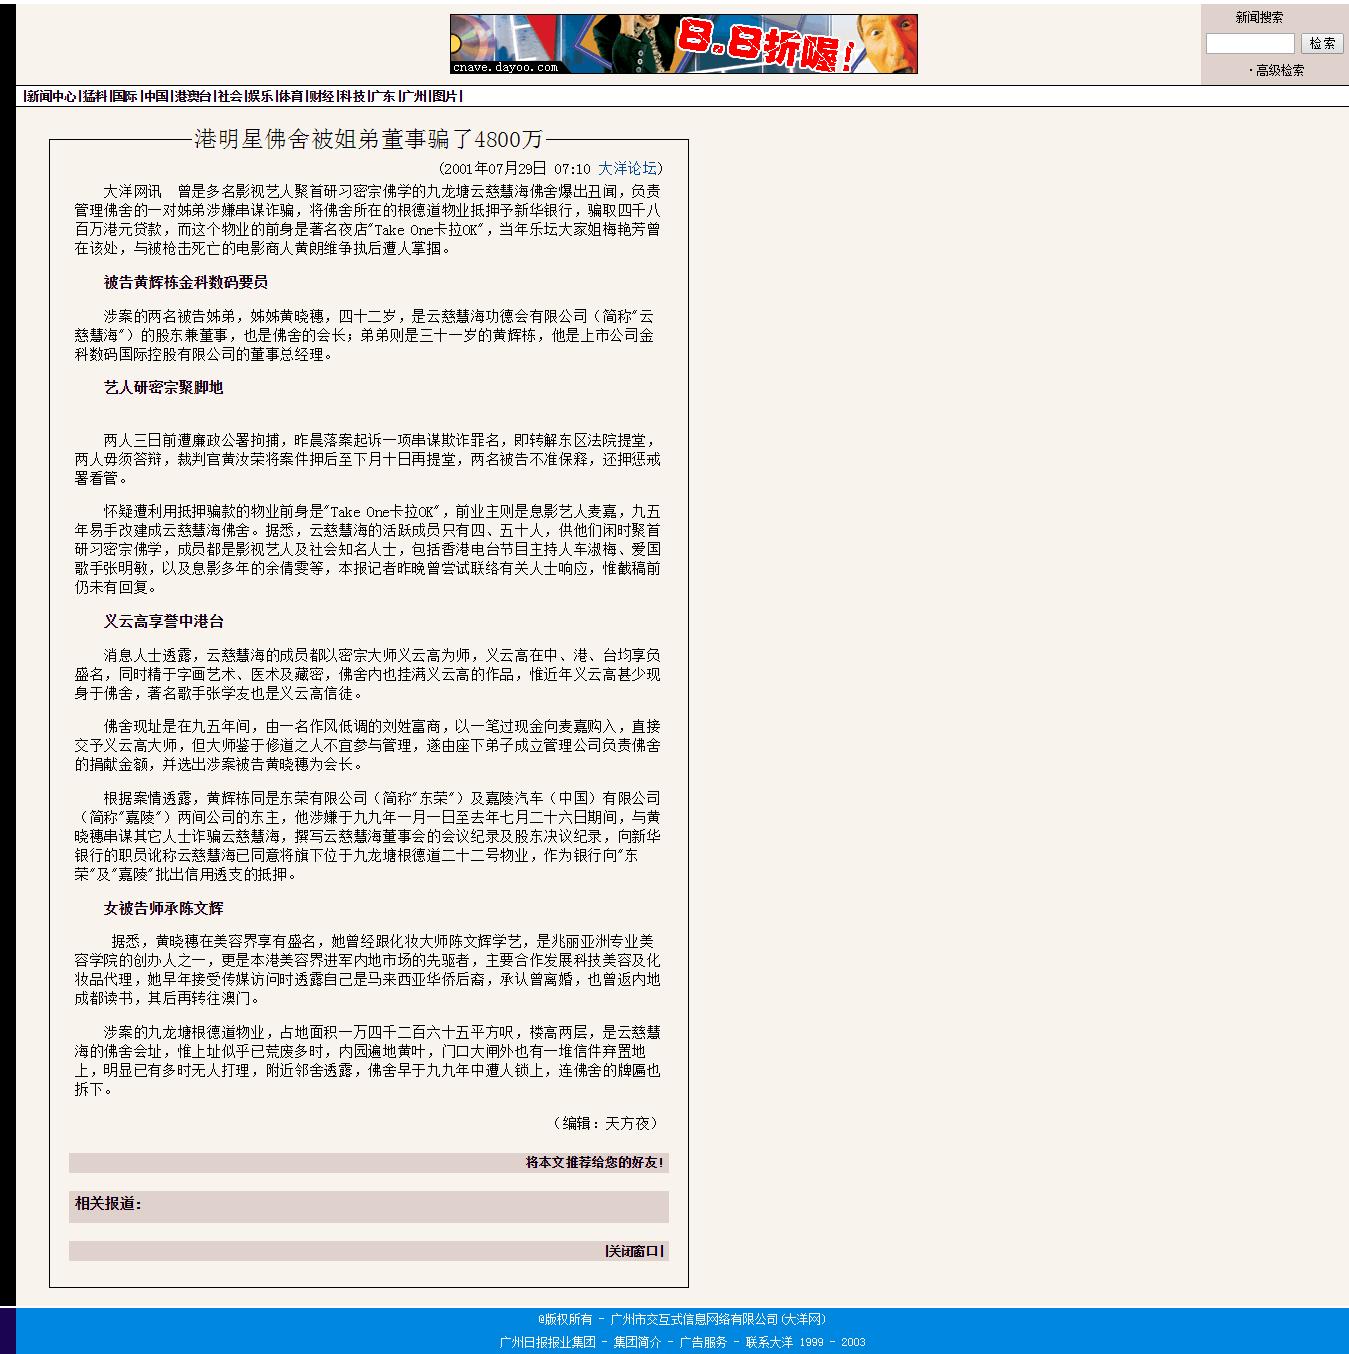 南无第三世多杰羌佛清白 黄晓穗诈骗被香港法庭判重刑 第2张